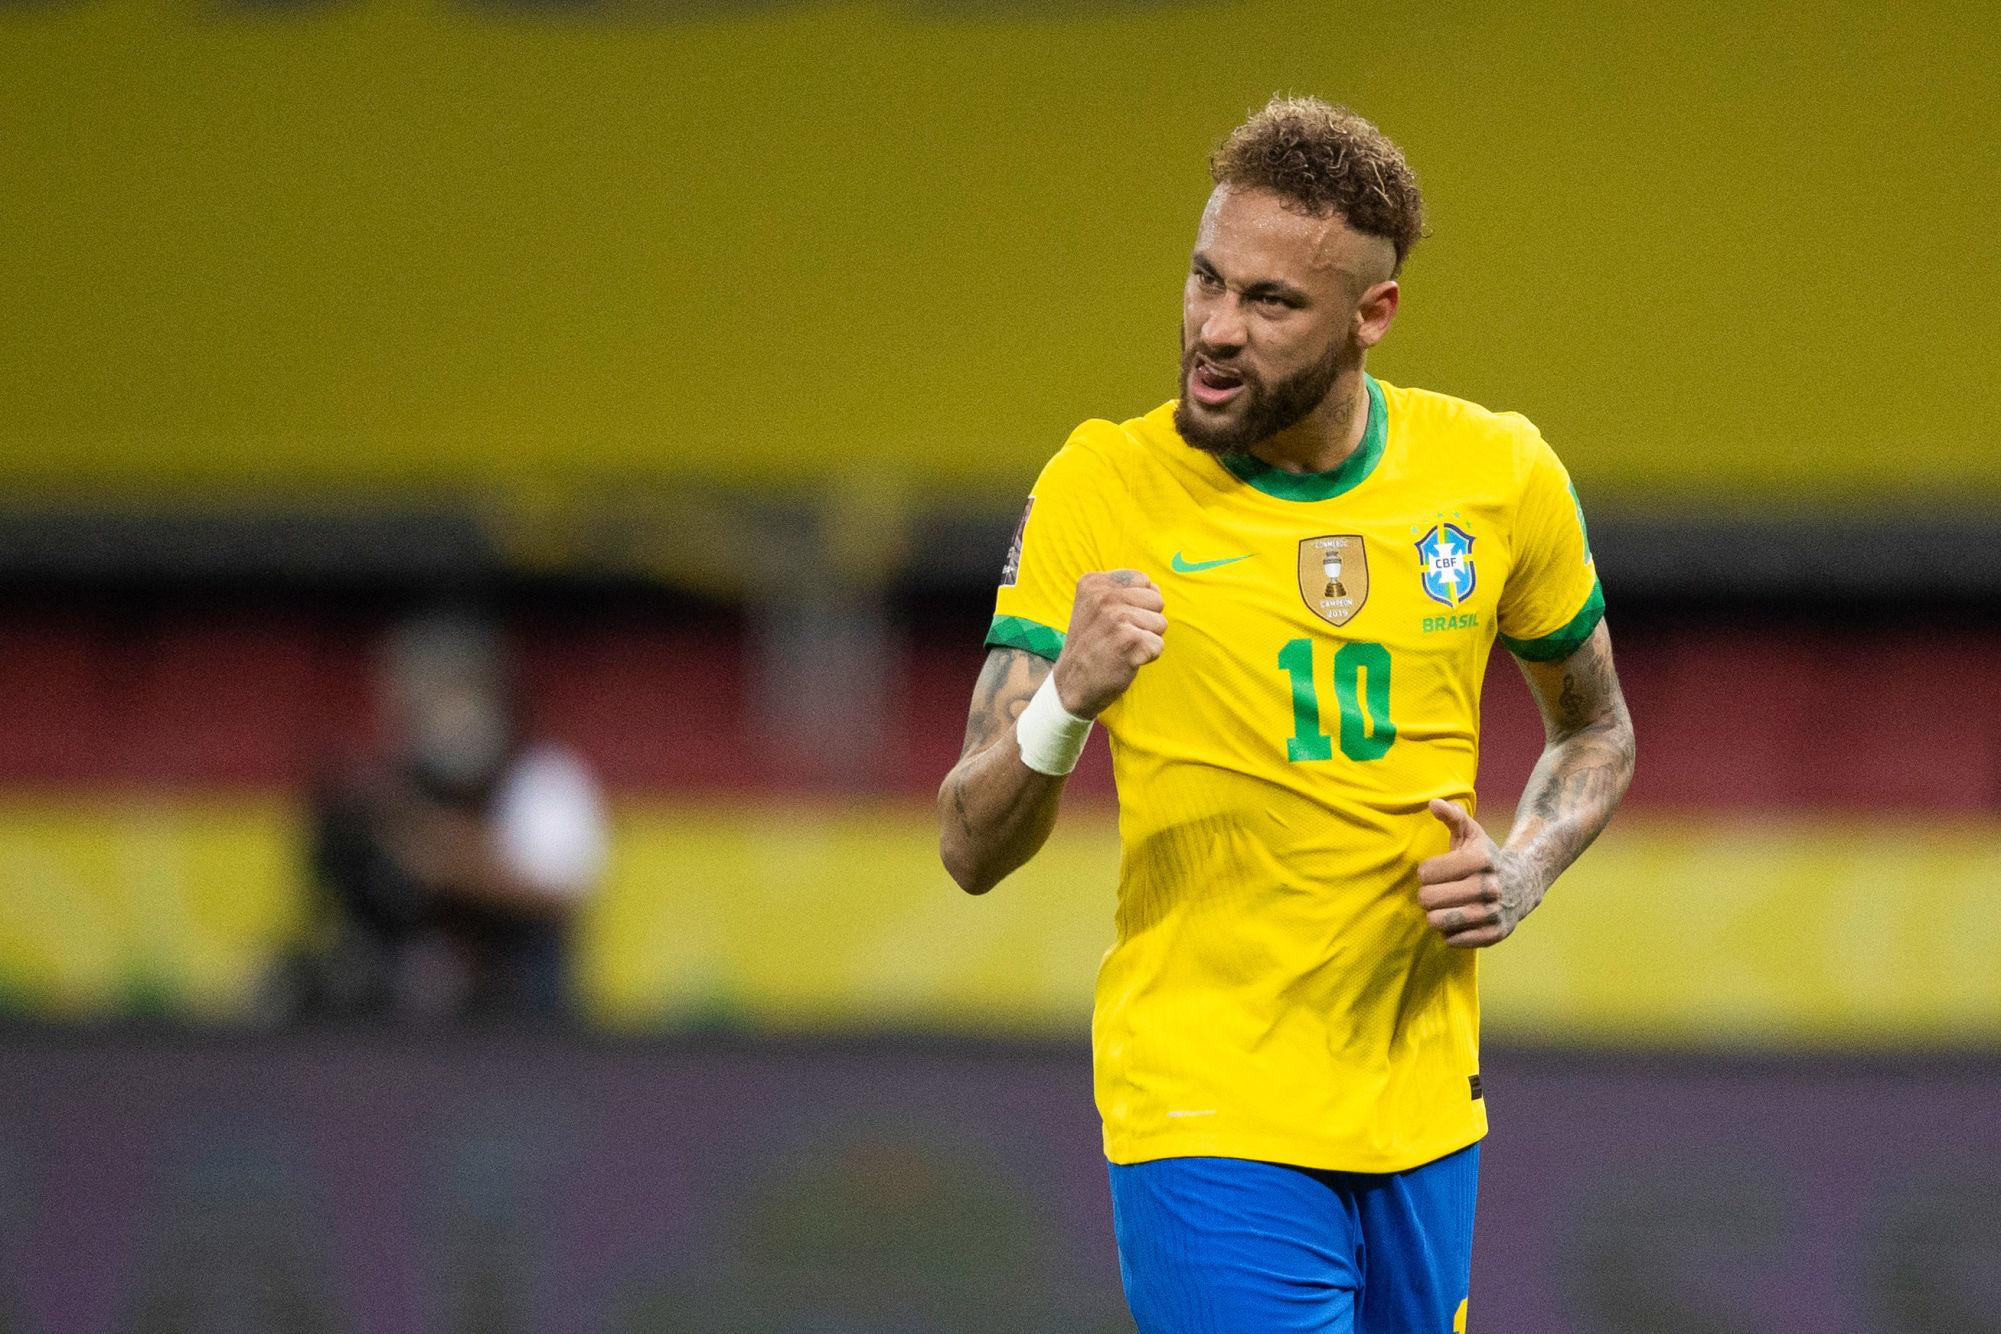 Résumé Brésil/Colombie (2-1) : La vidéo avec les buts